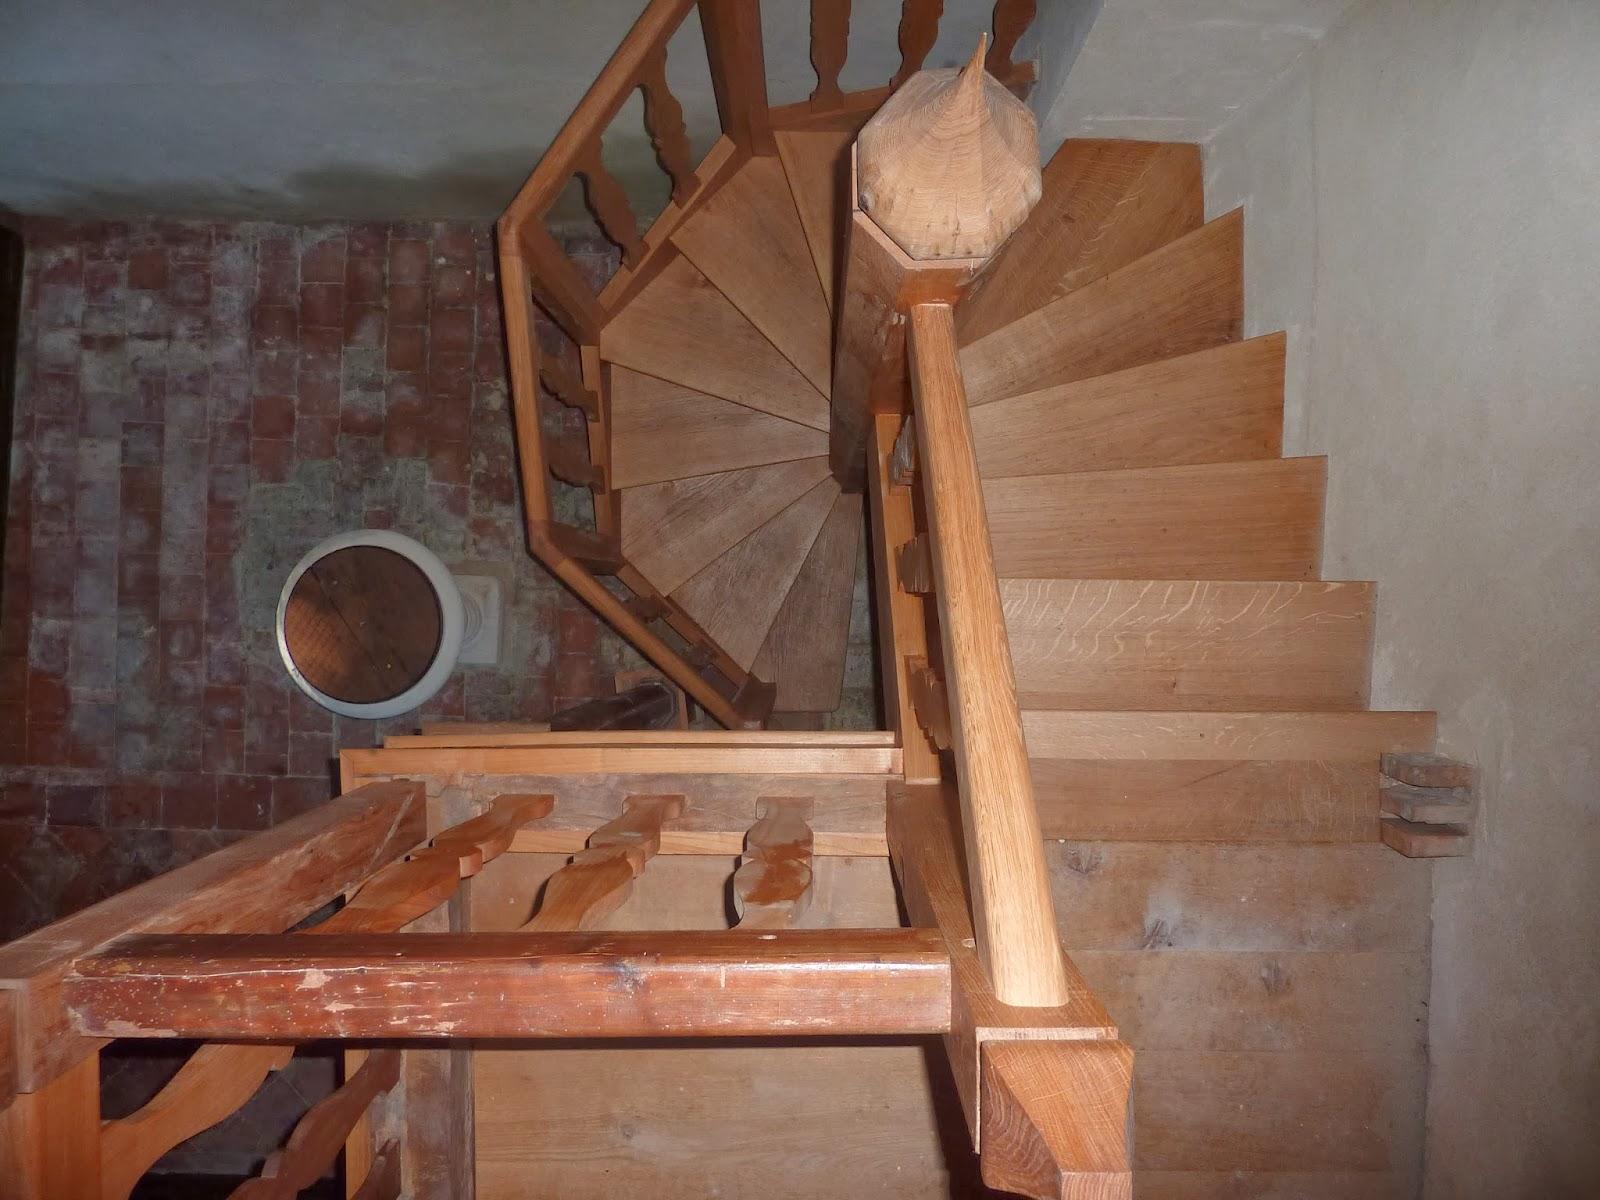 la terre du bois fabrication de l 39 escalier de l 39 eglise de montherlant et restauration de l 39 estrade. Black Bedroom Furniture Sets. Home Design Ideas